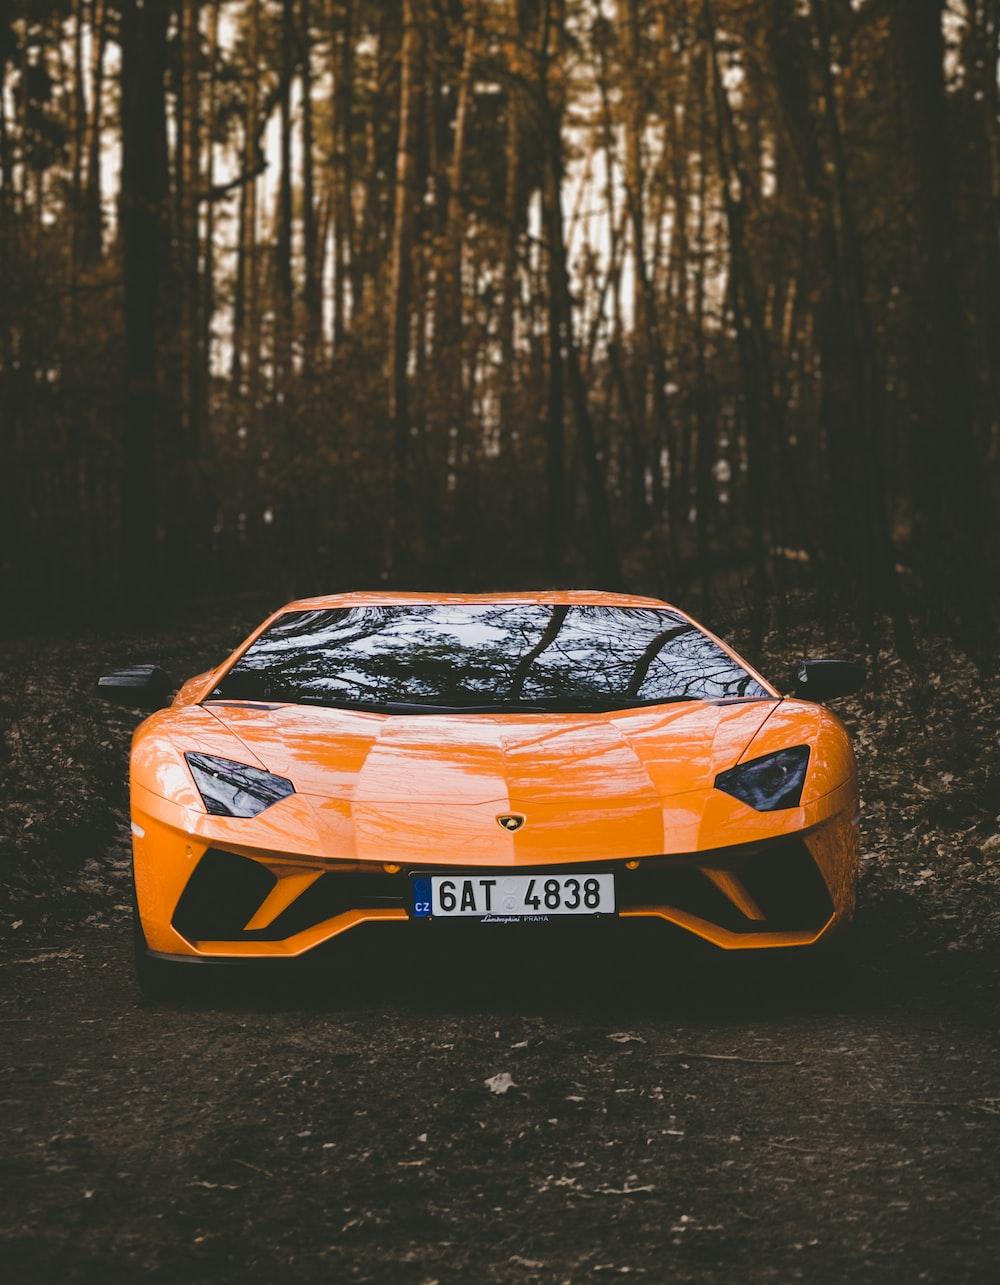 orange Lamborghini car